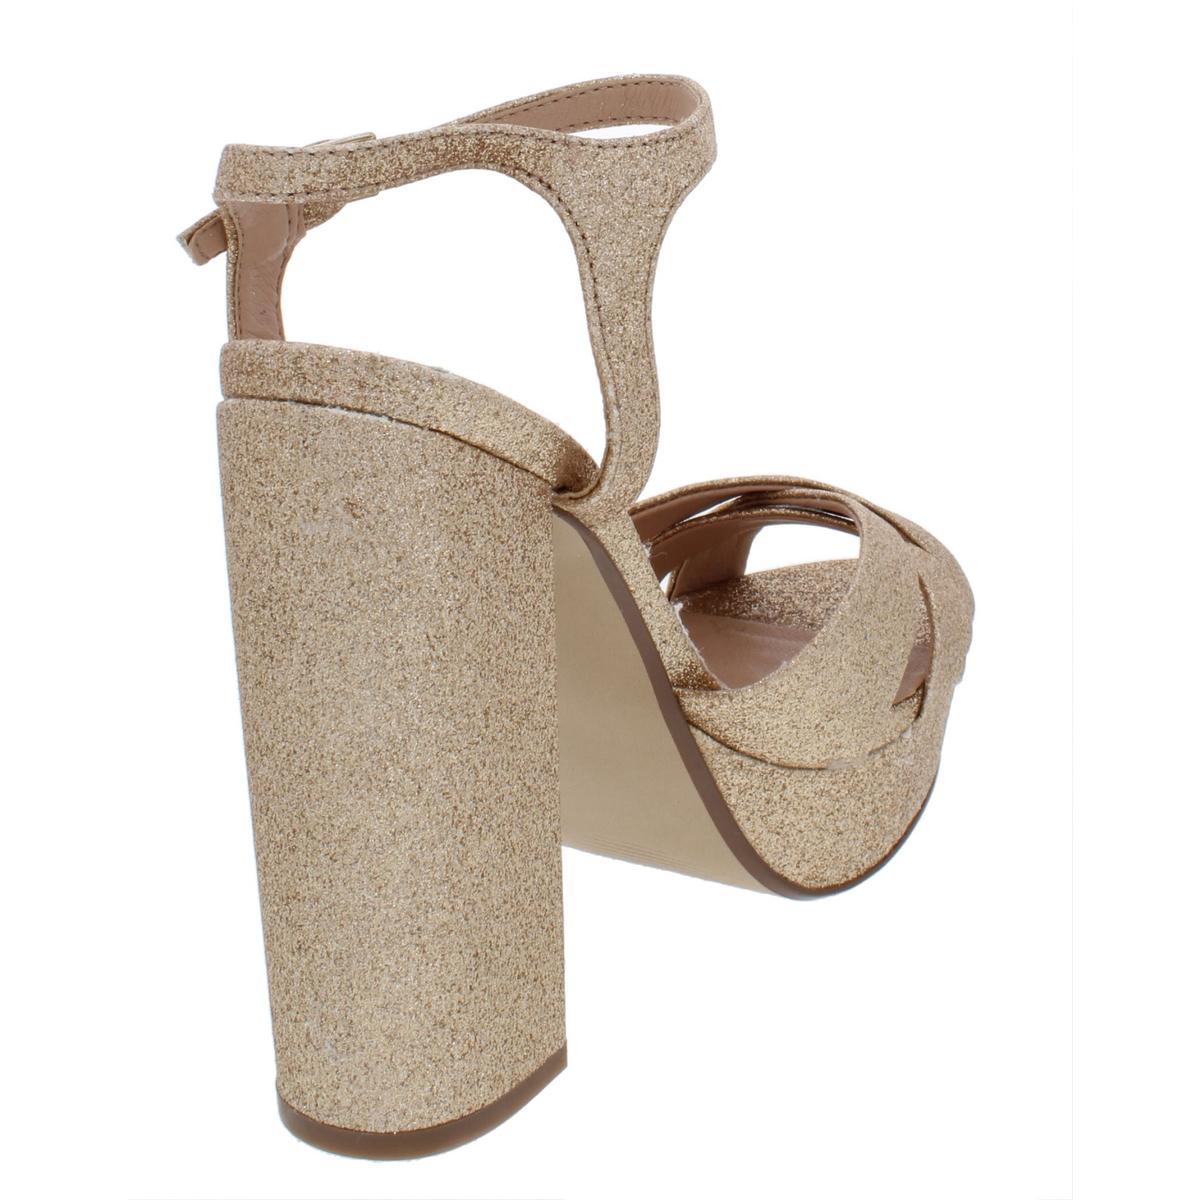 Steve-Madden-Womens-Gleam-Platform-High-Heel-Pumps-Shoes-BHFO-3019 thumbnail 5